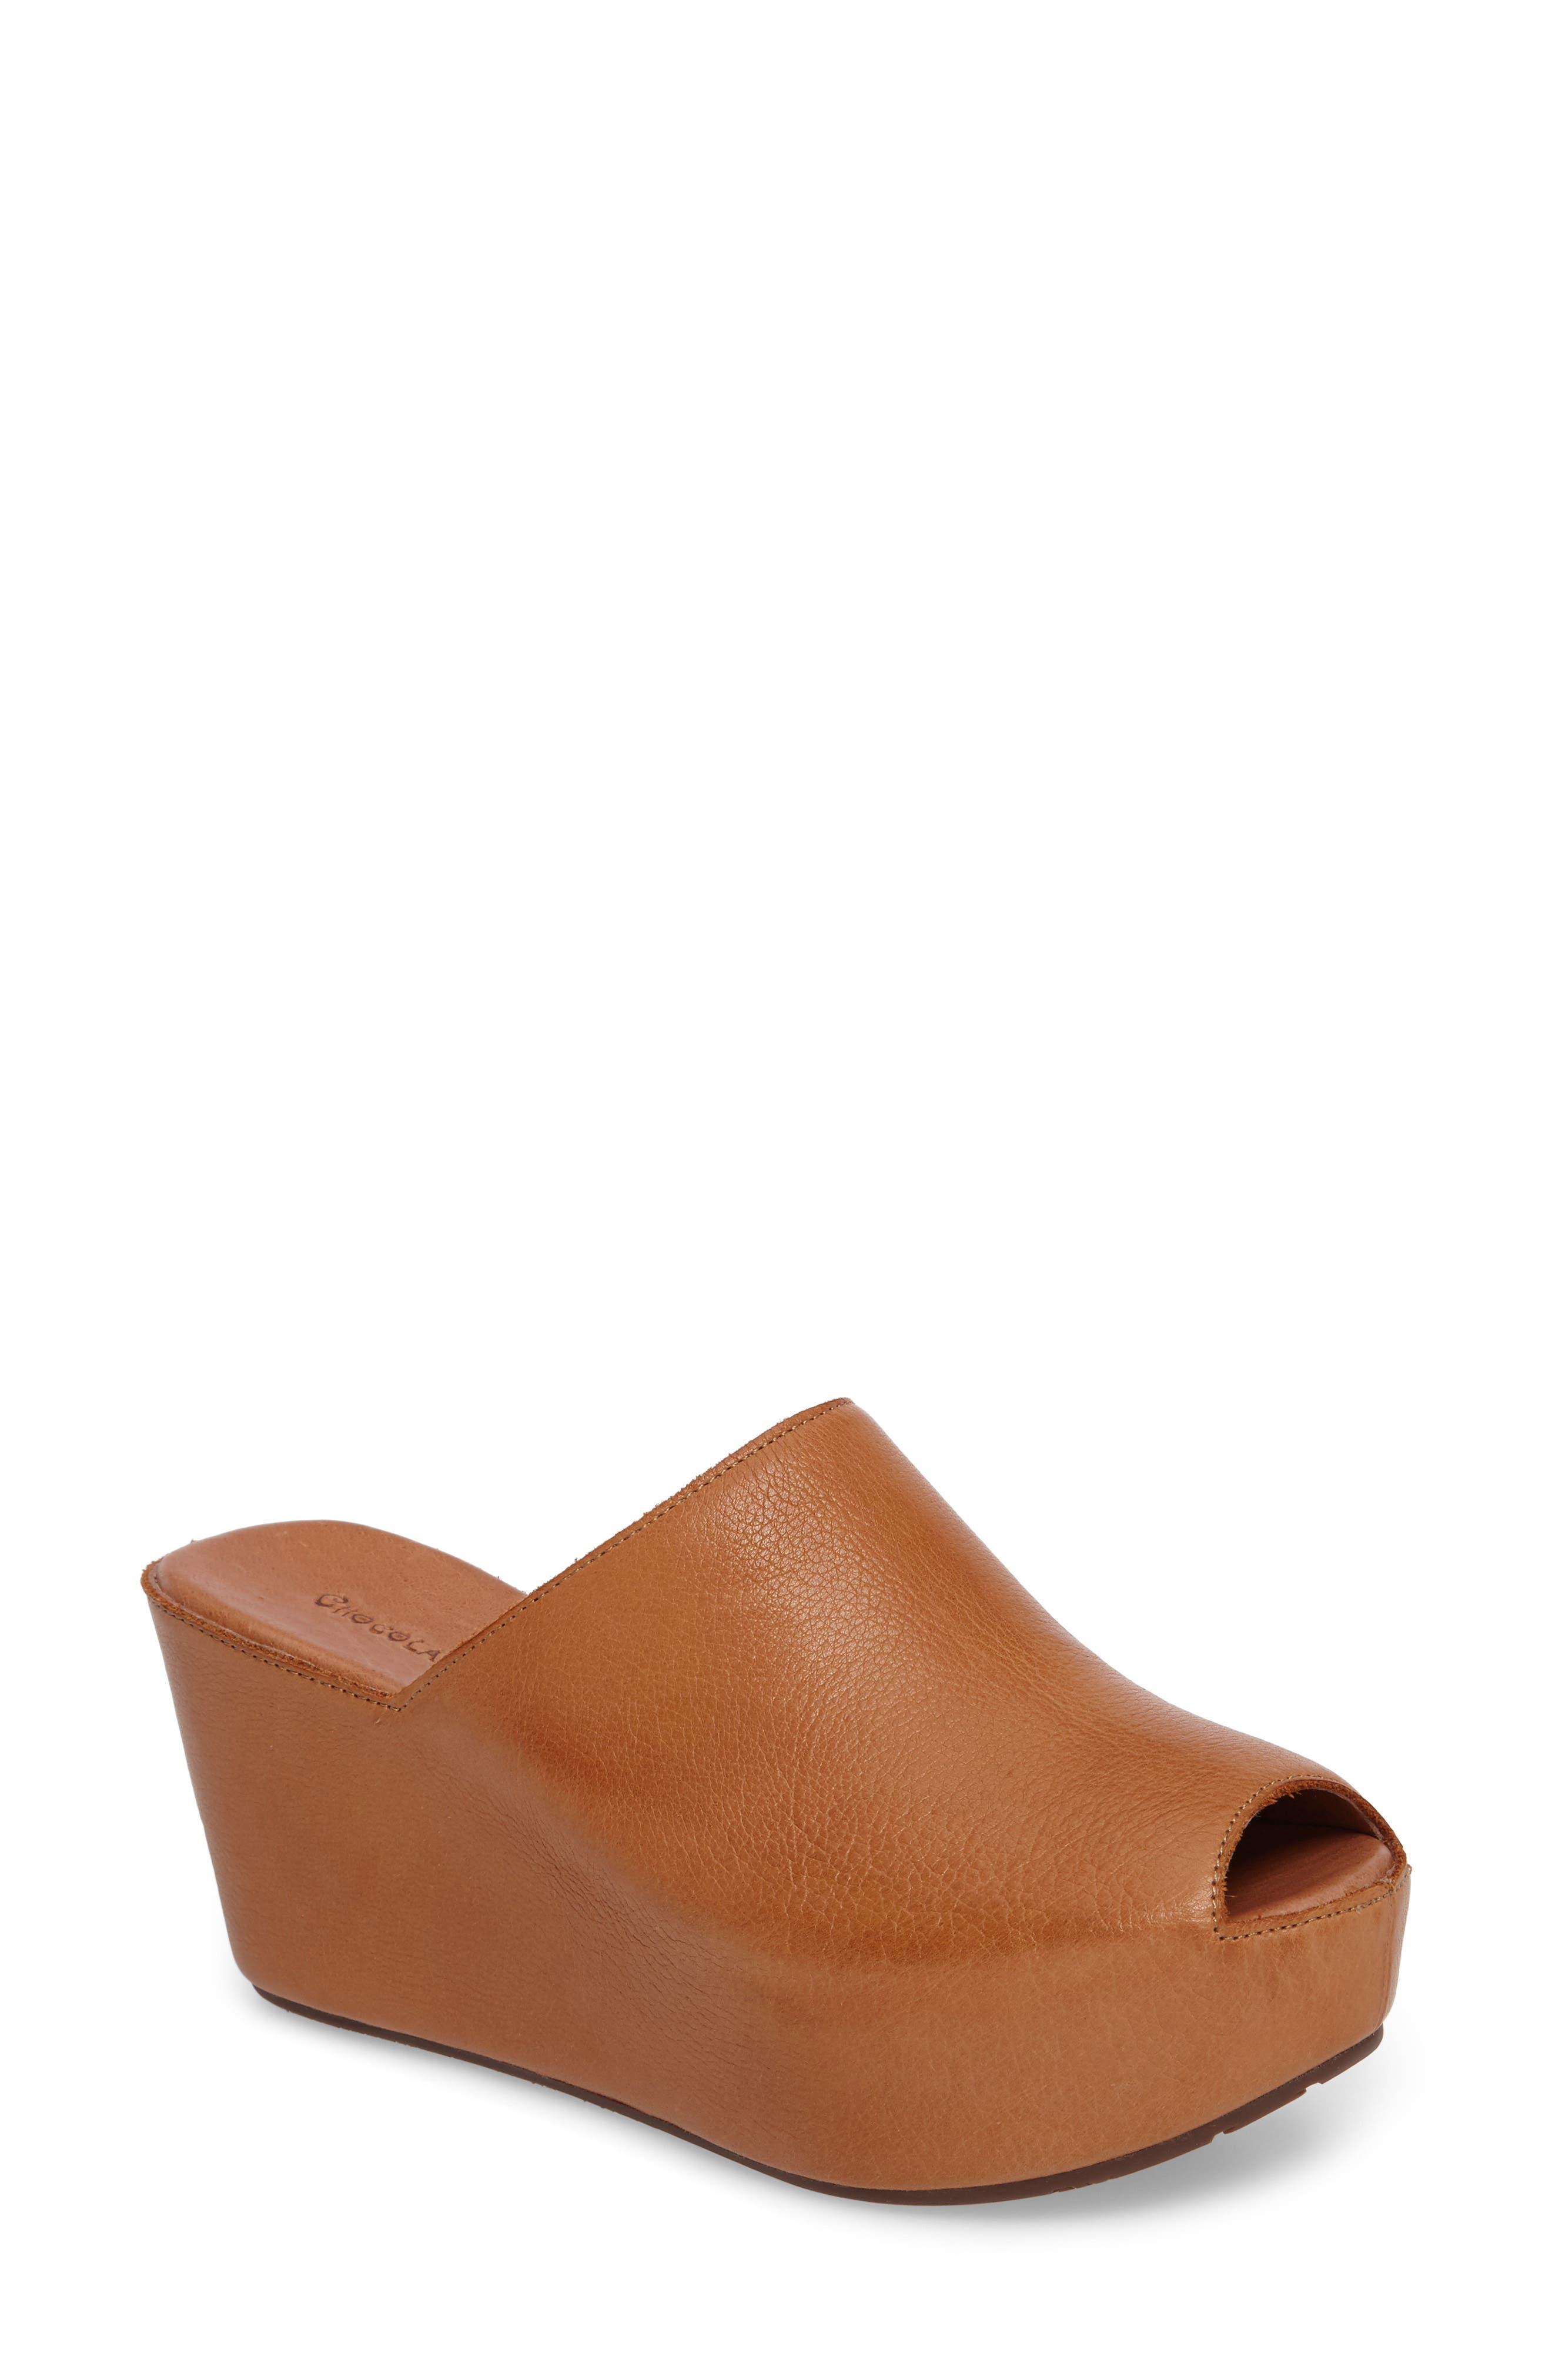 Main Image - Chocolat Blu Willa Platform Wedge Mule (Women)